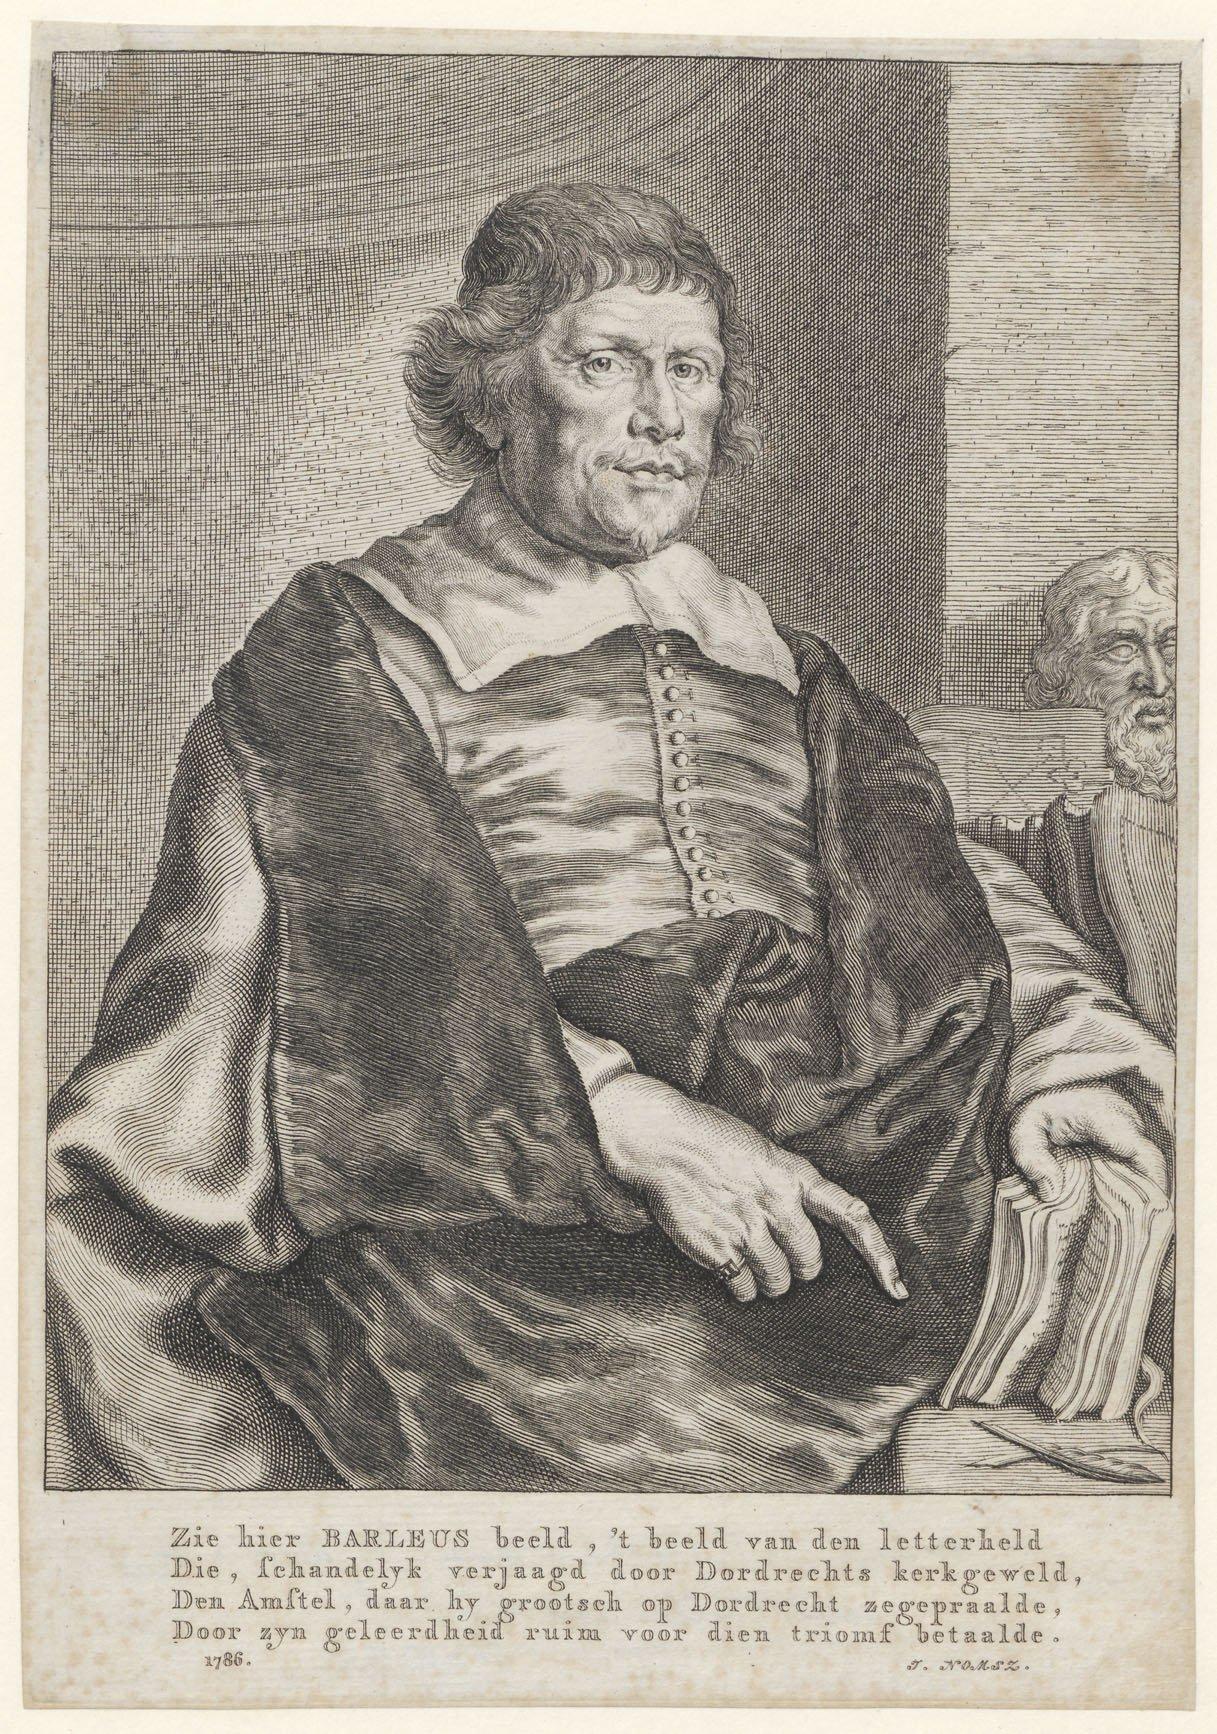 Caspar Barlaeus (1584-1648) schreef het rondschrift